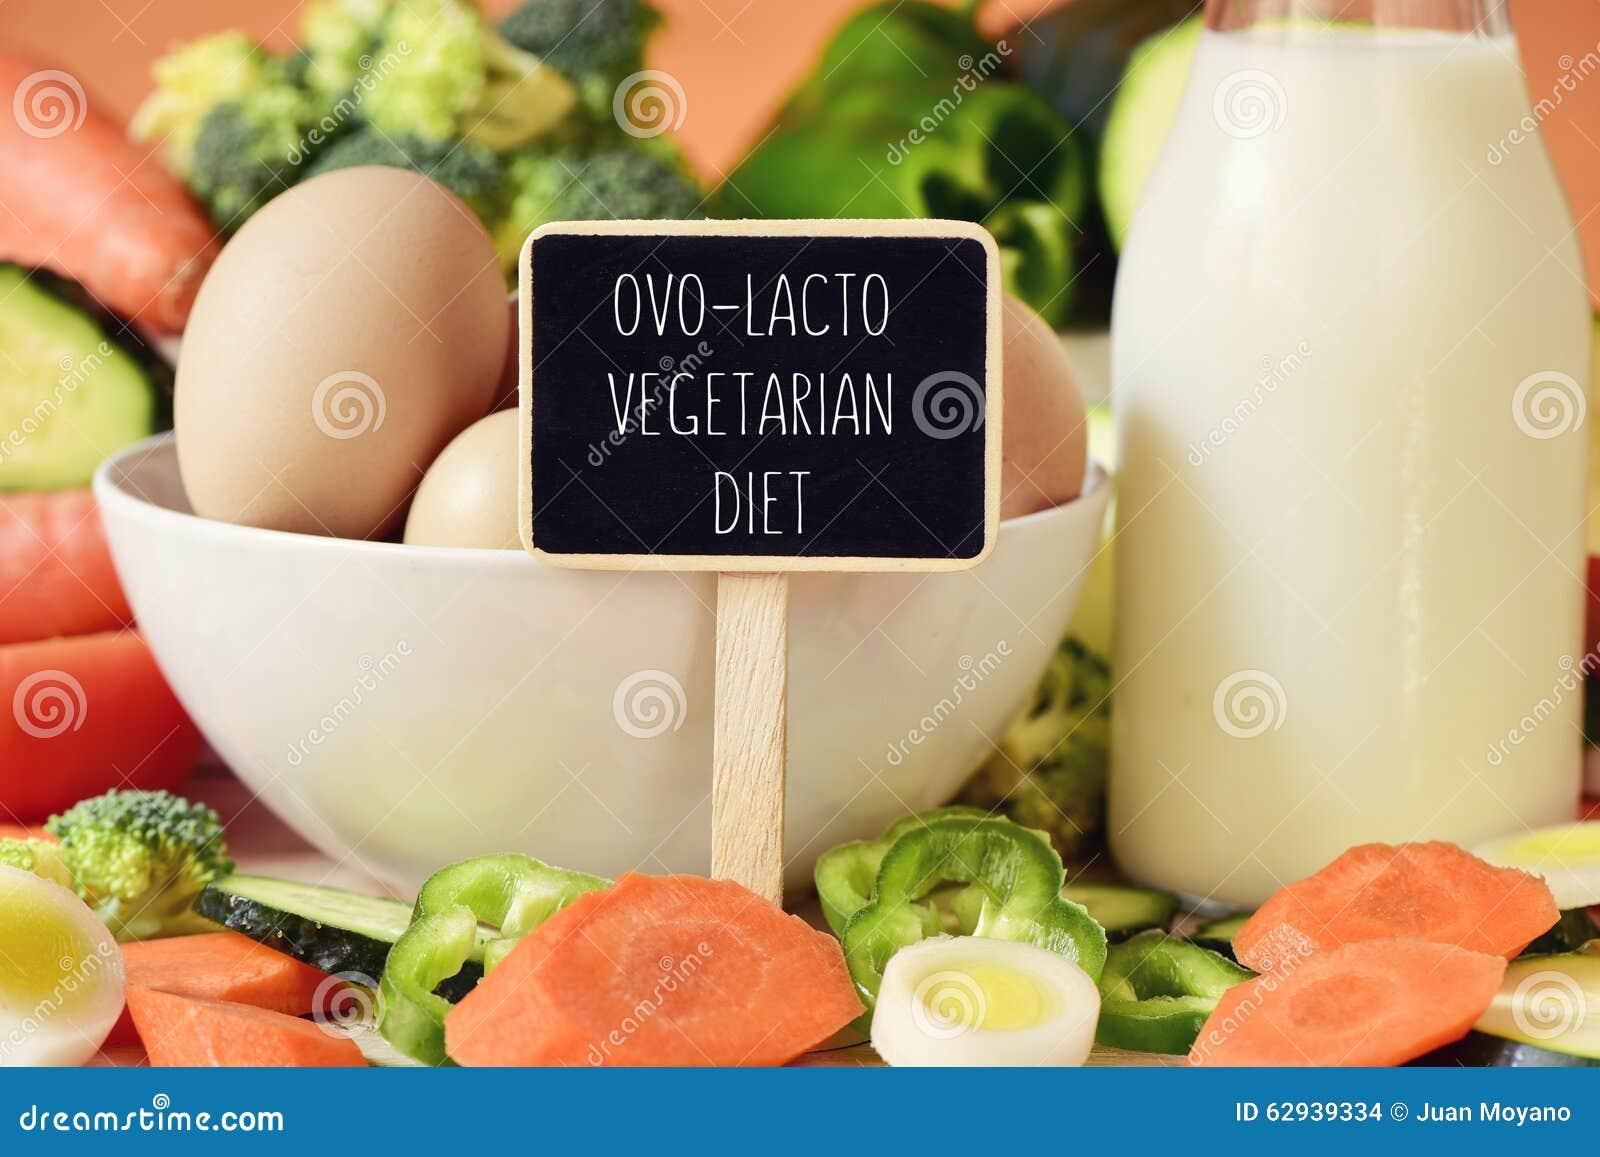 Dieta ovo lacto vegetariana adelgazar con